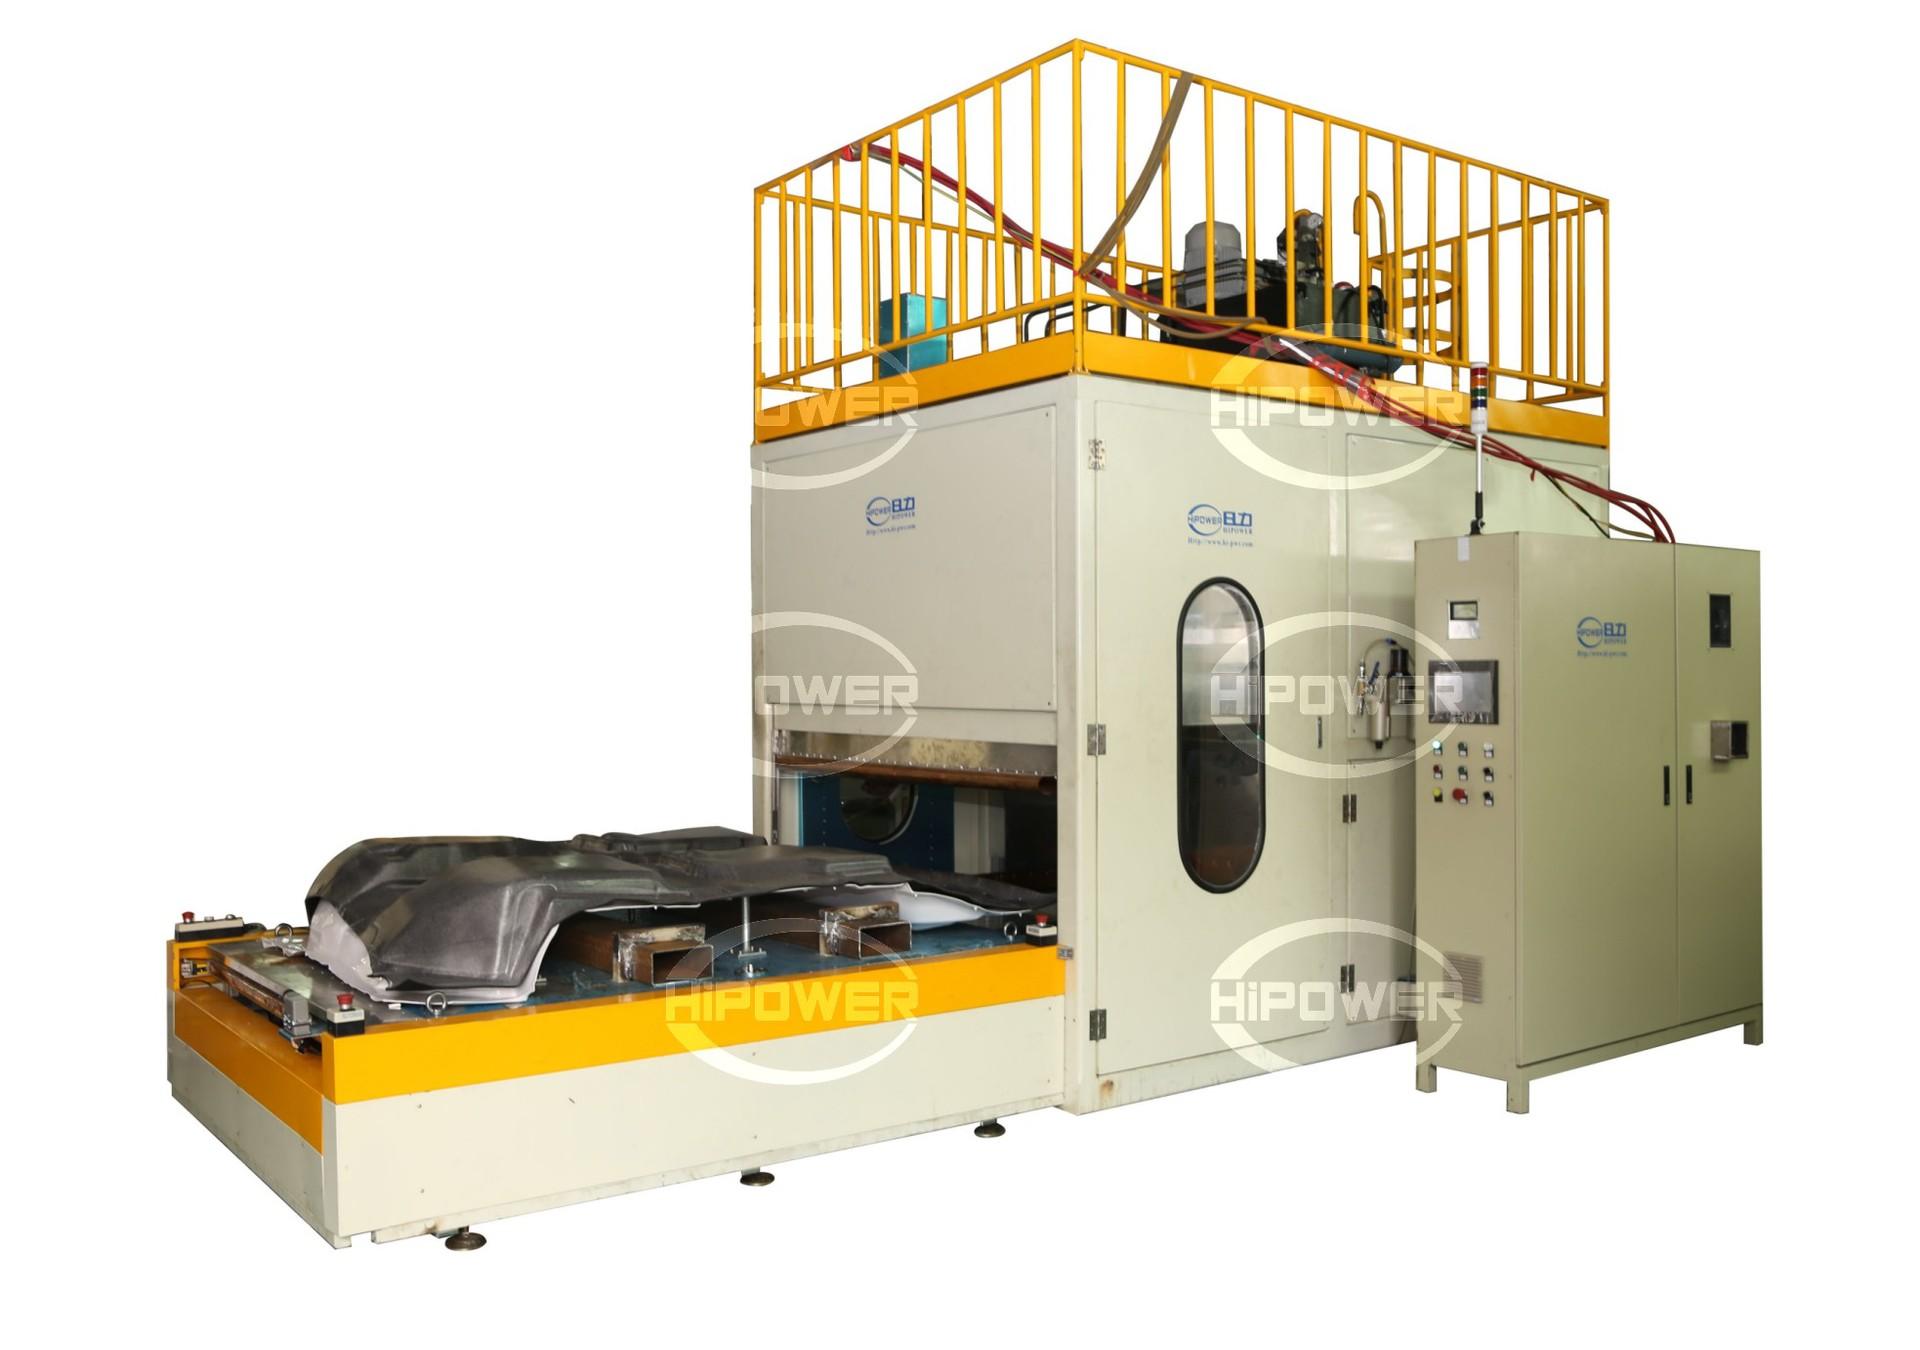 现货热销 HR-25KW-QT汽车脚垫焊接机 地毯焊接机 电焊切割设备